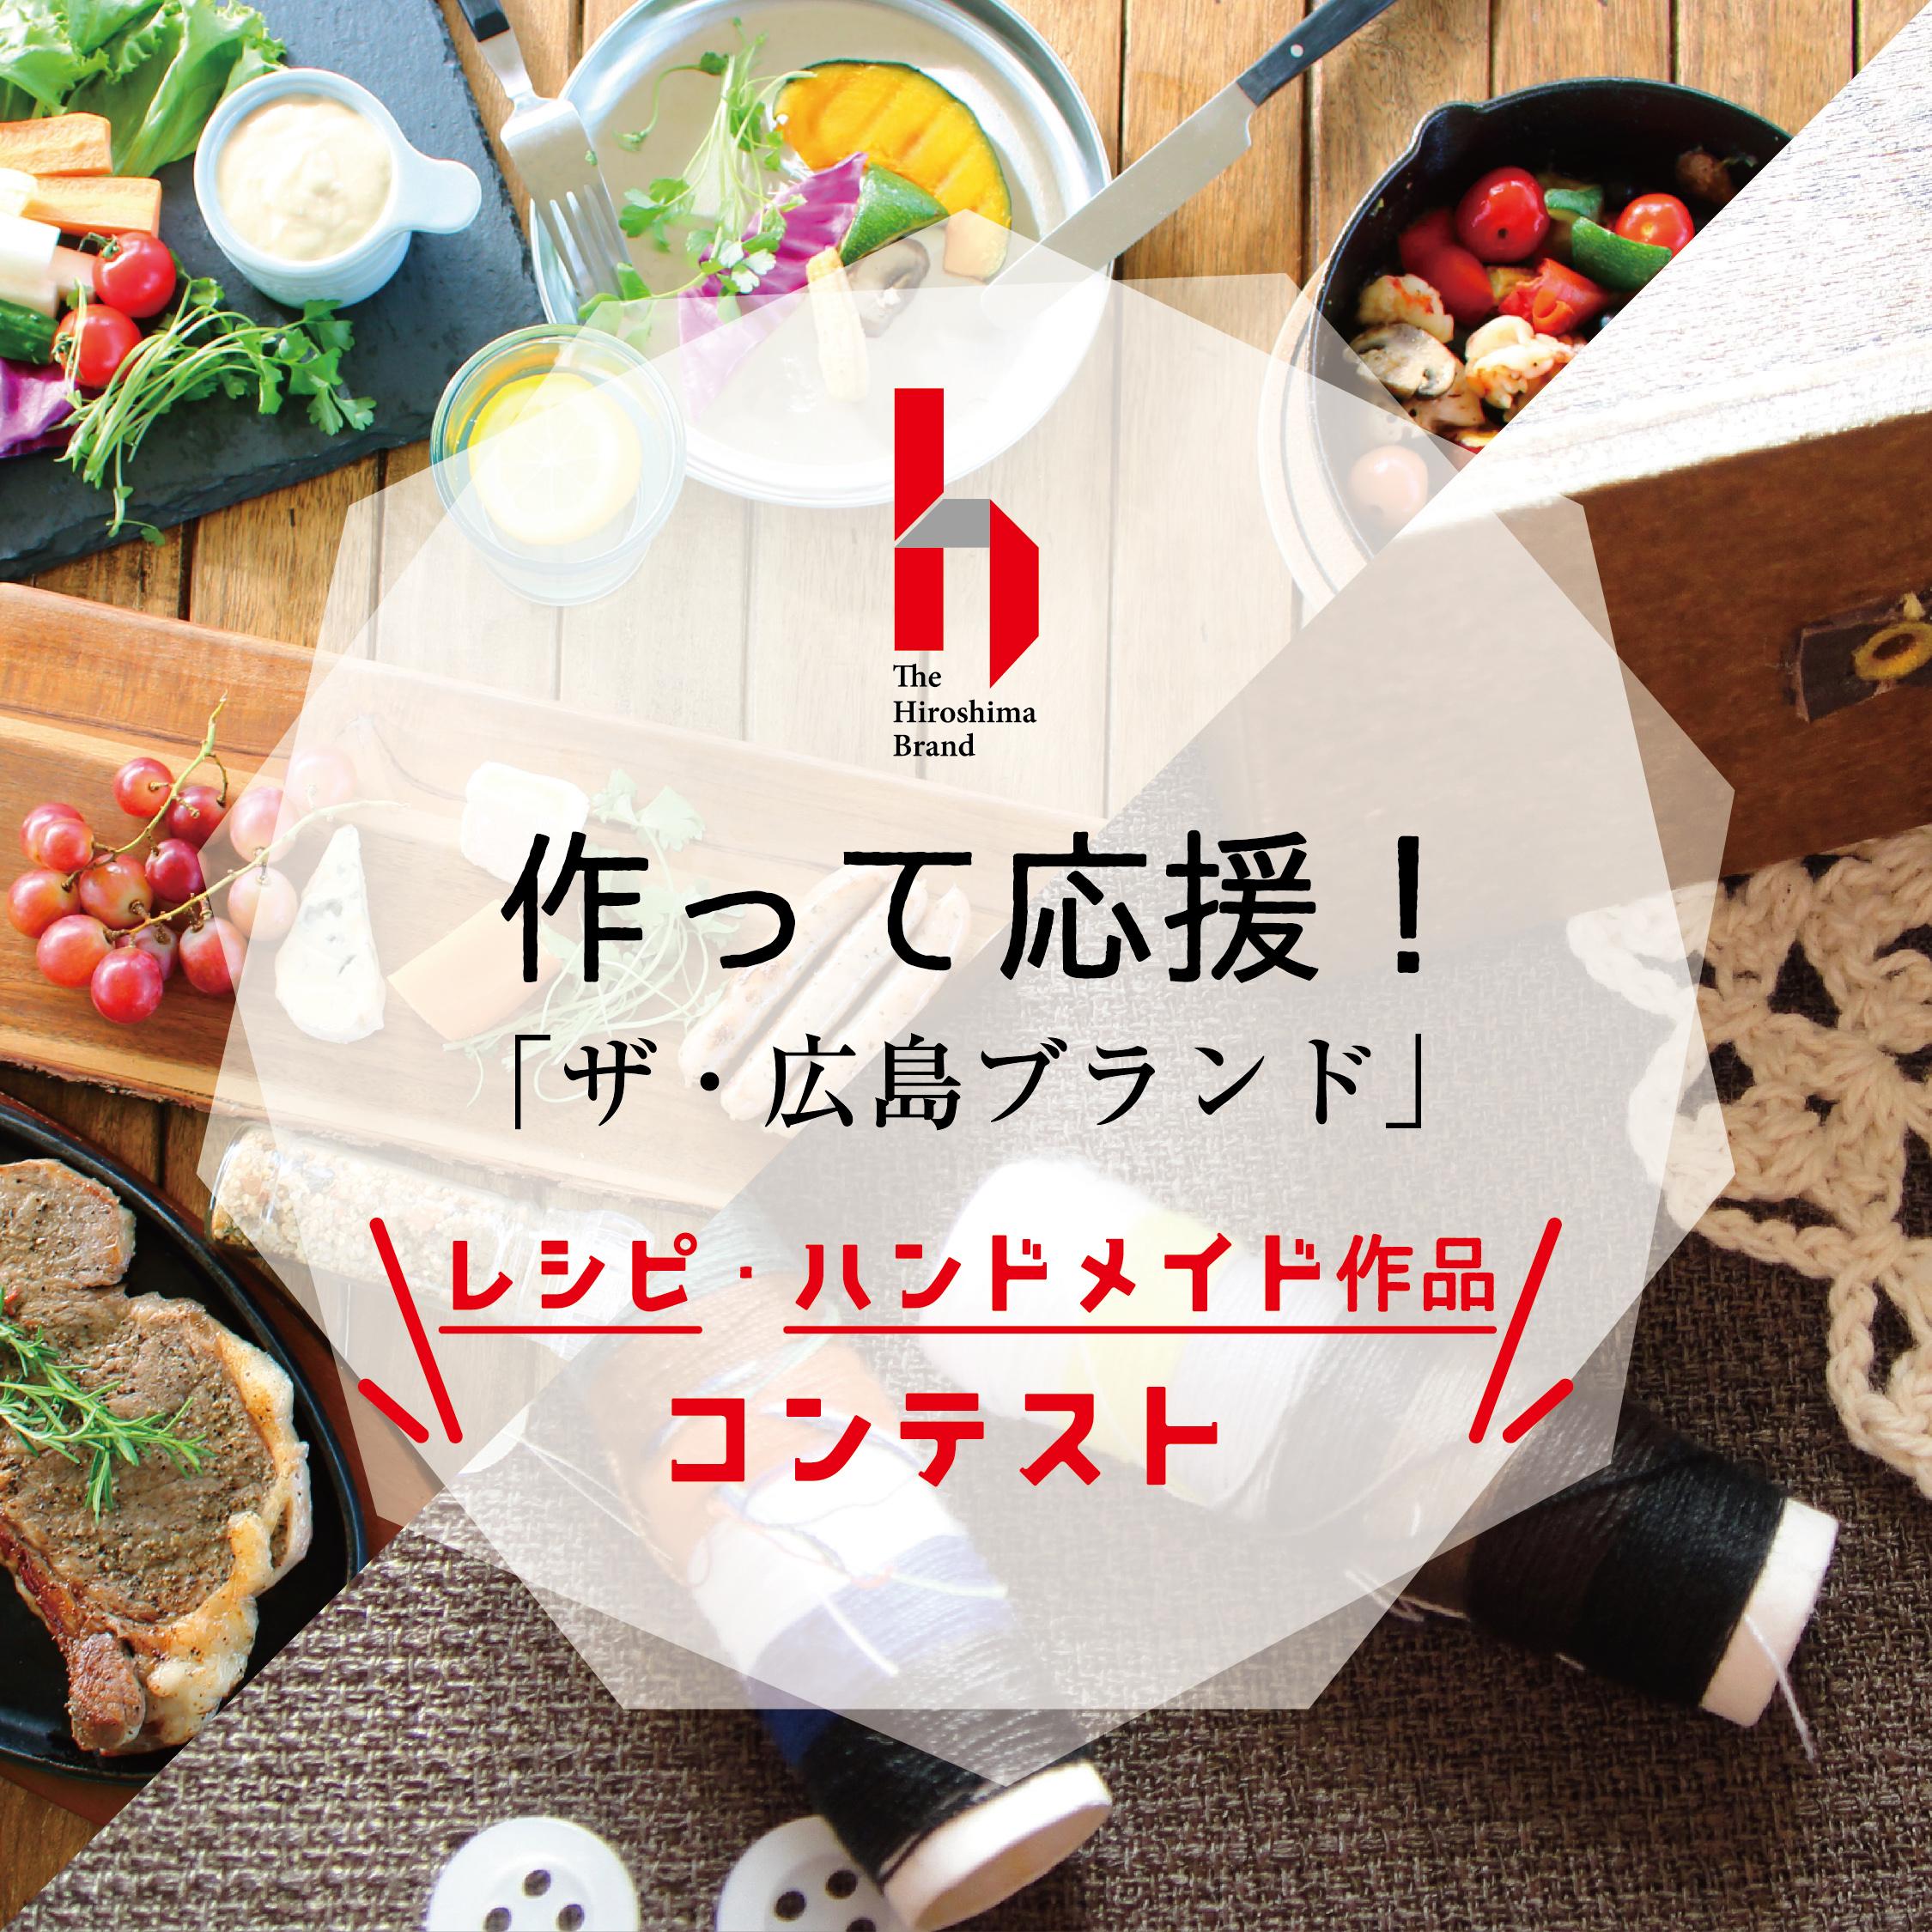 「ザ・広島ブランド」の レシピ・ハンドメイドコンテストが開催中